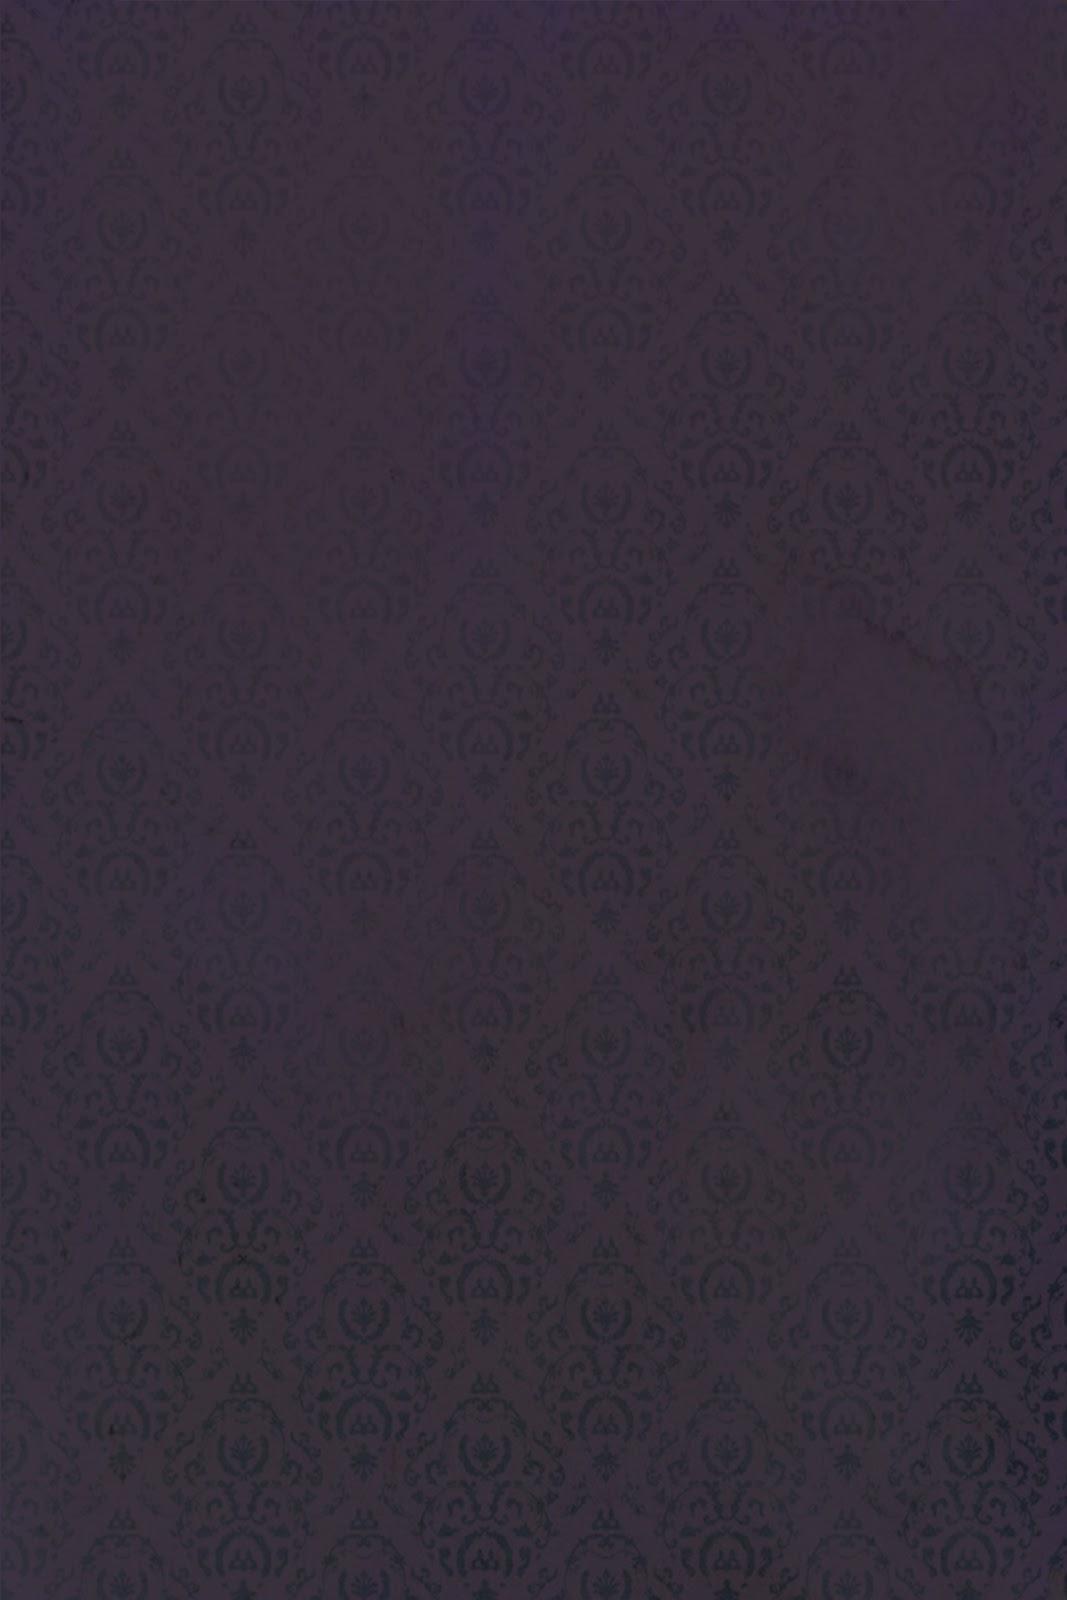 purple gothic vintage wallpaper grunge halloween